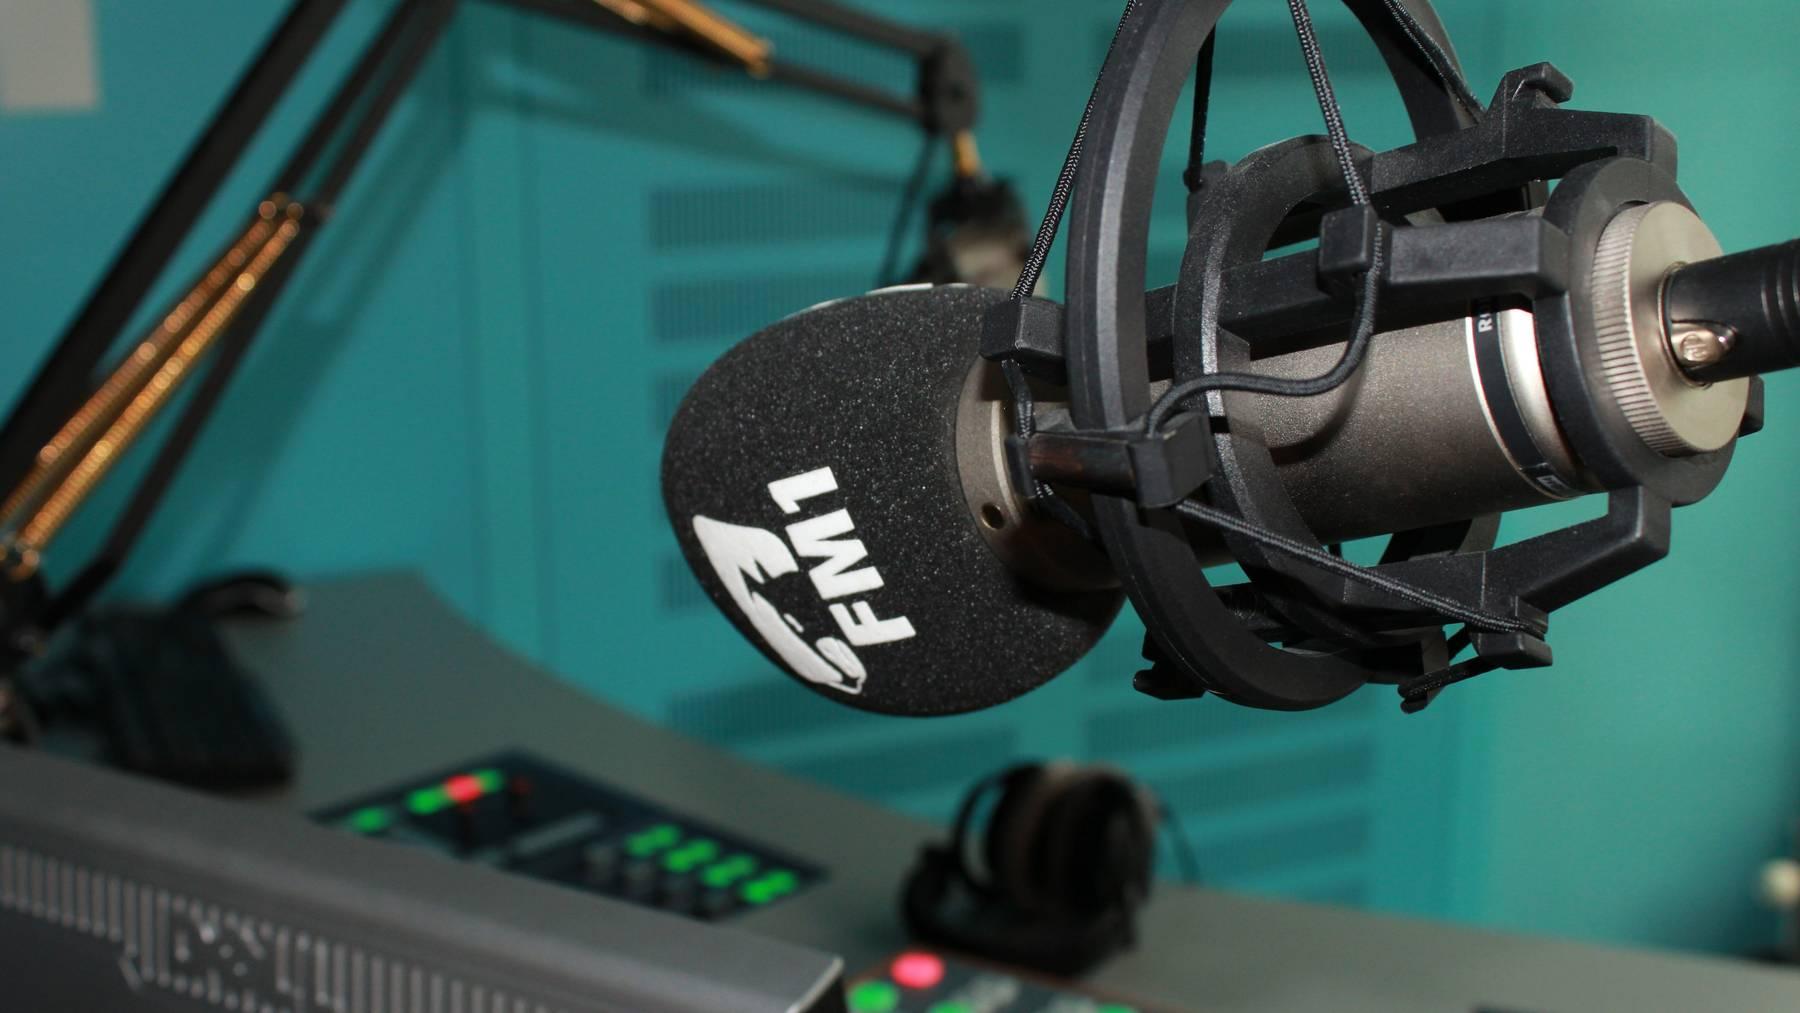 Radio FM1 lässt im Sendegebiet SRF 3 und SRF 1 deutlich hinter sich und gehört zu den erfolgreichsten Privatsendern der Schweiz.